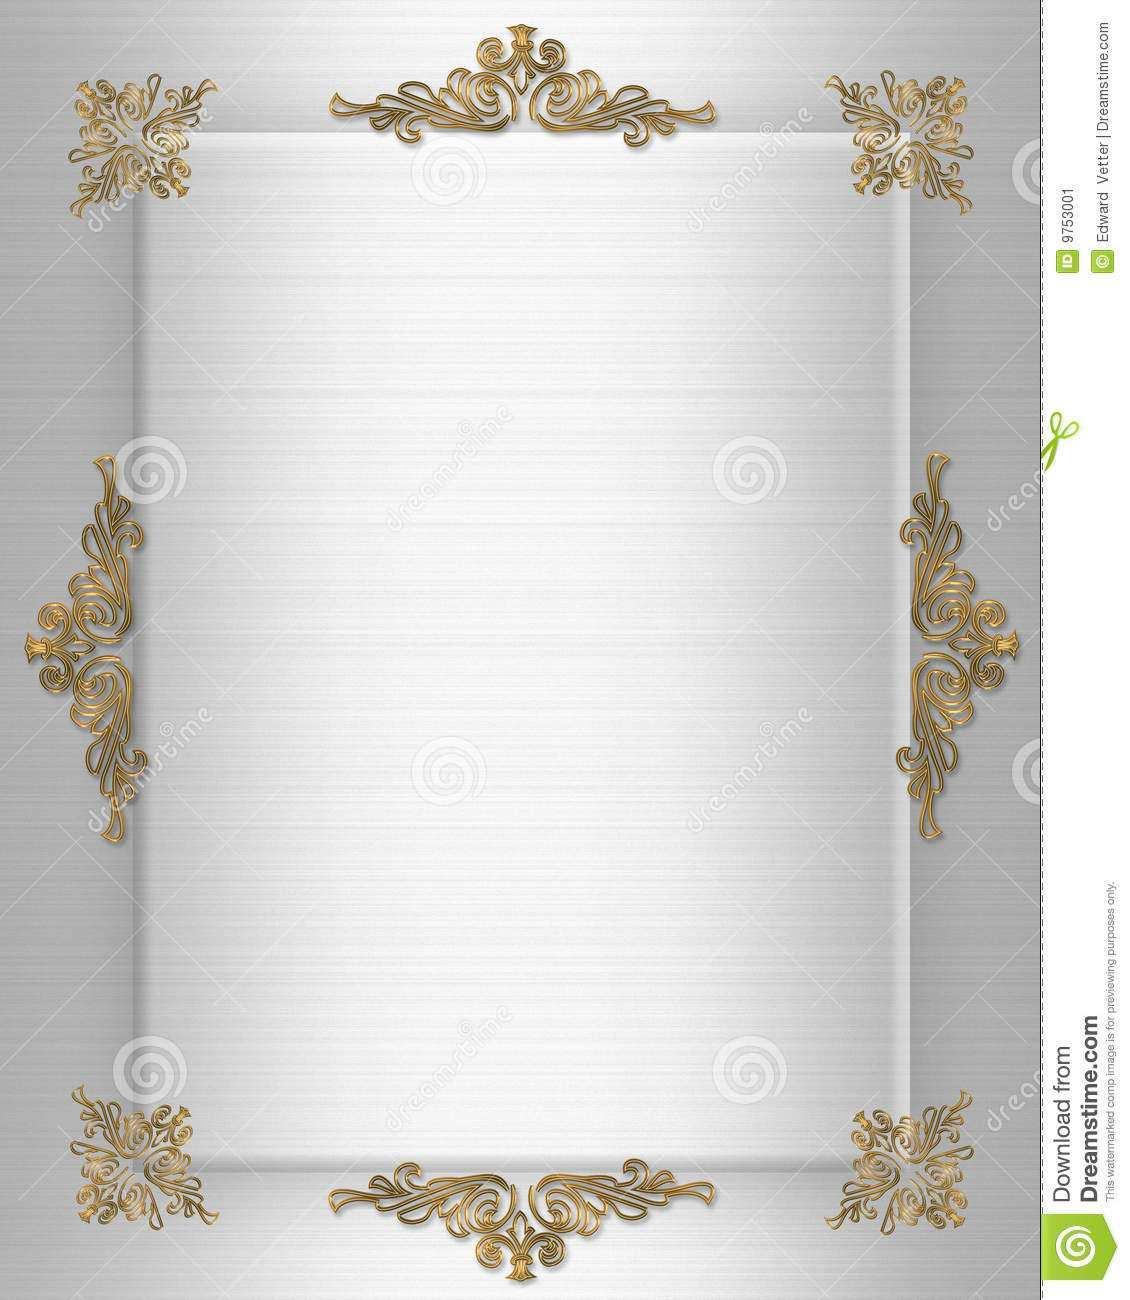 Elegant Invitation Border Designs - Cards Design Templates